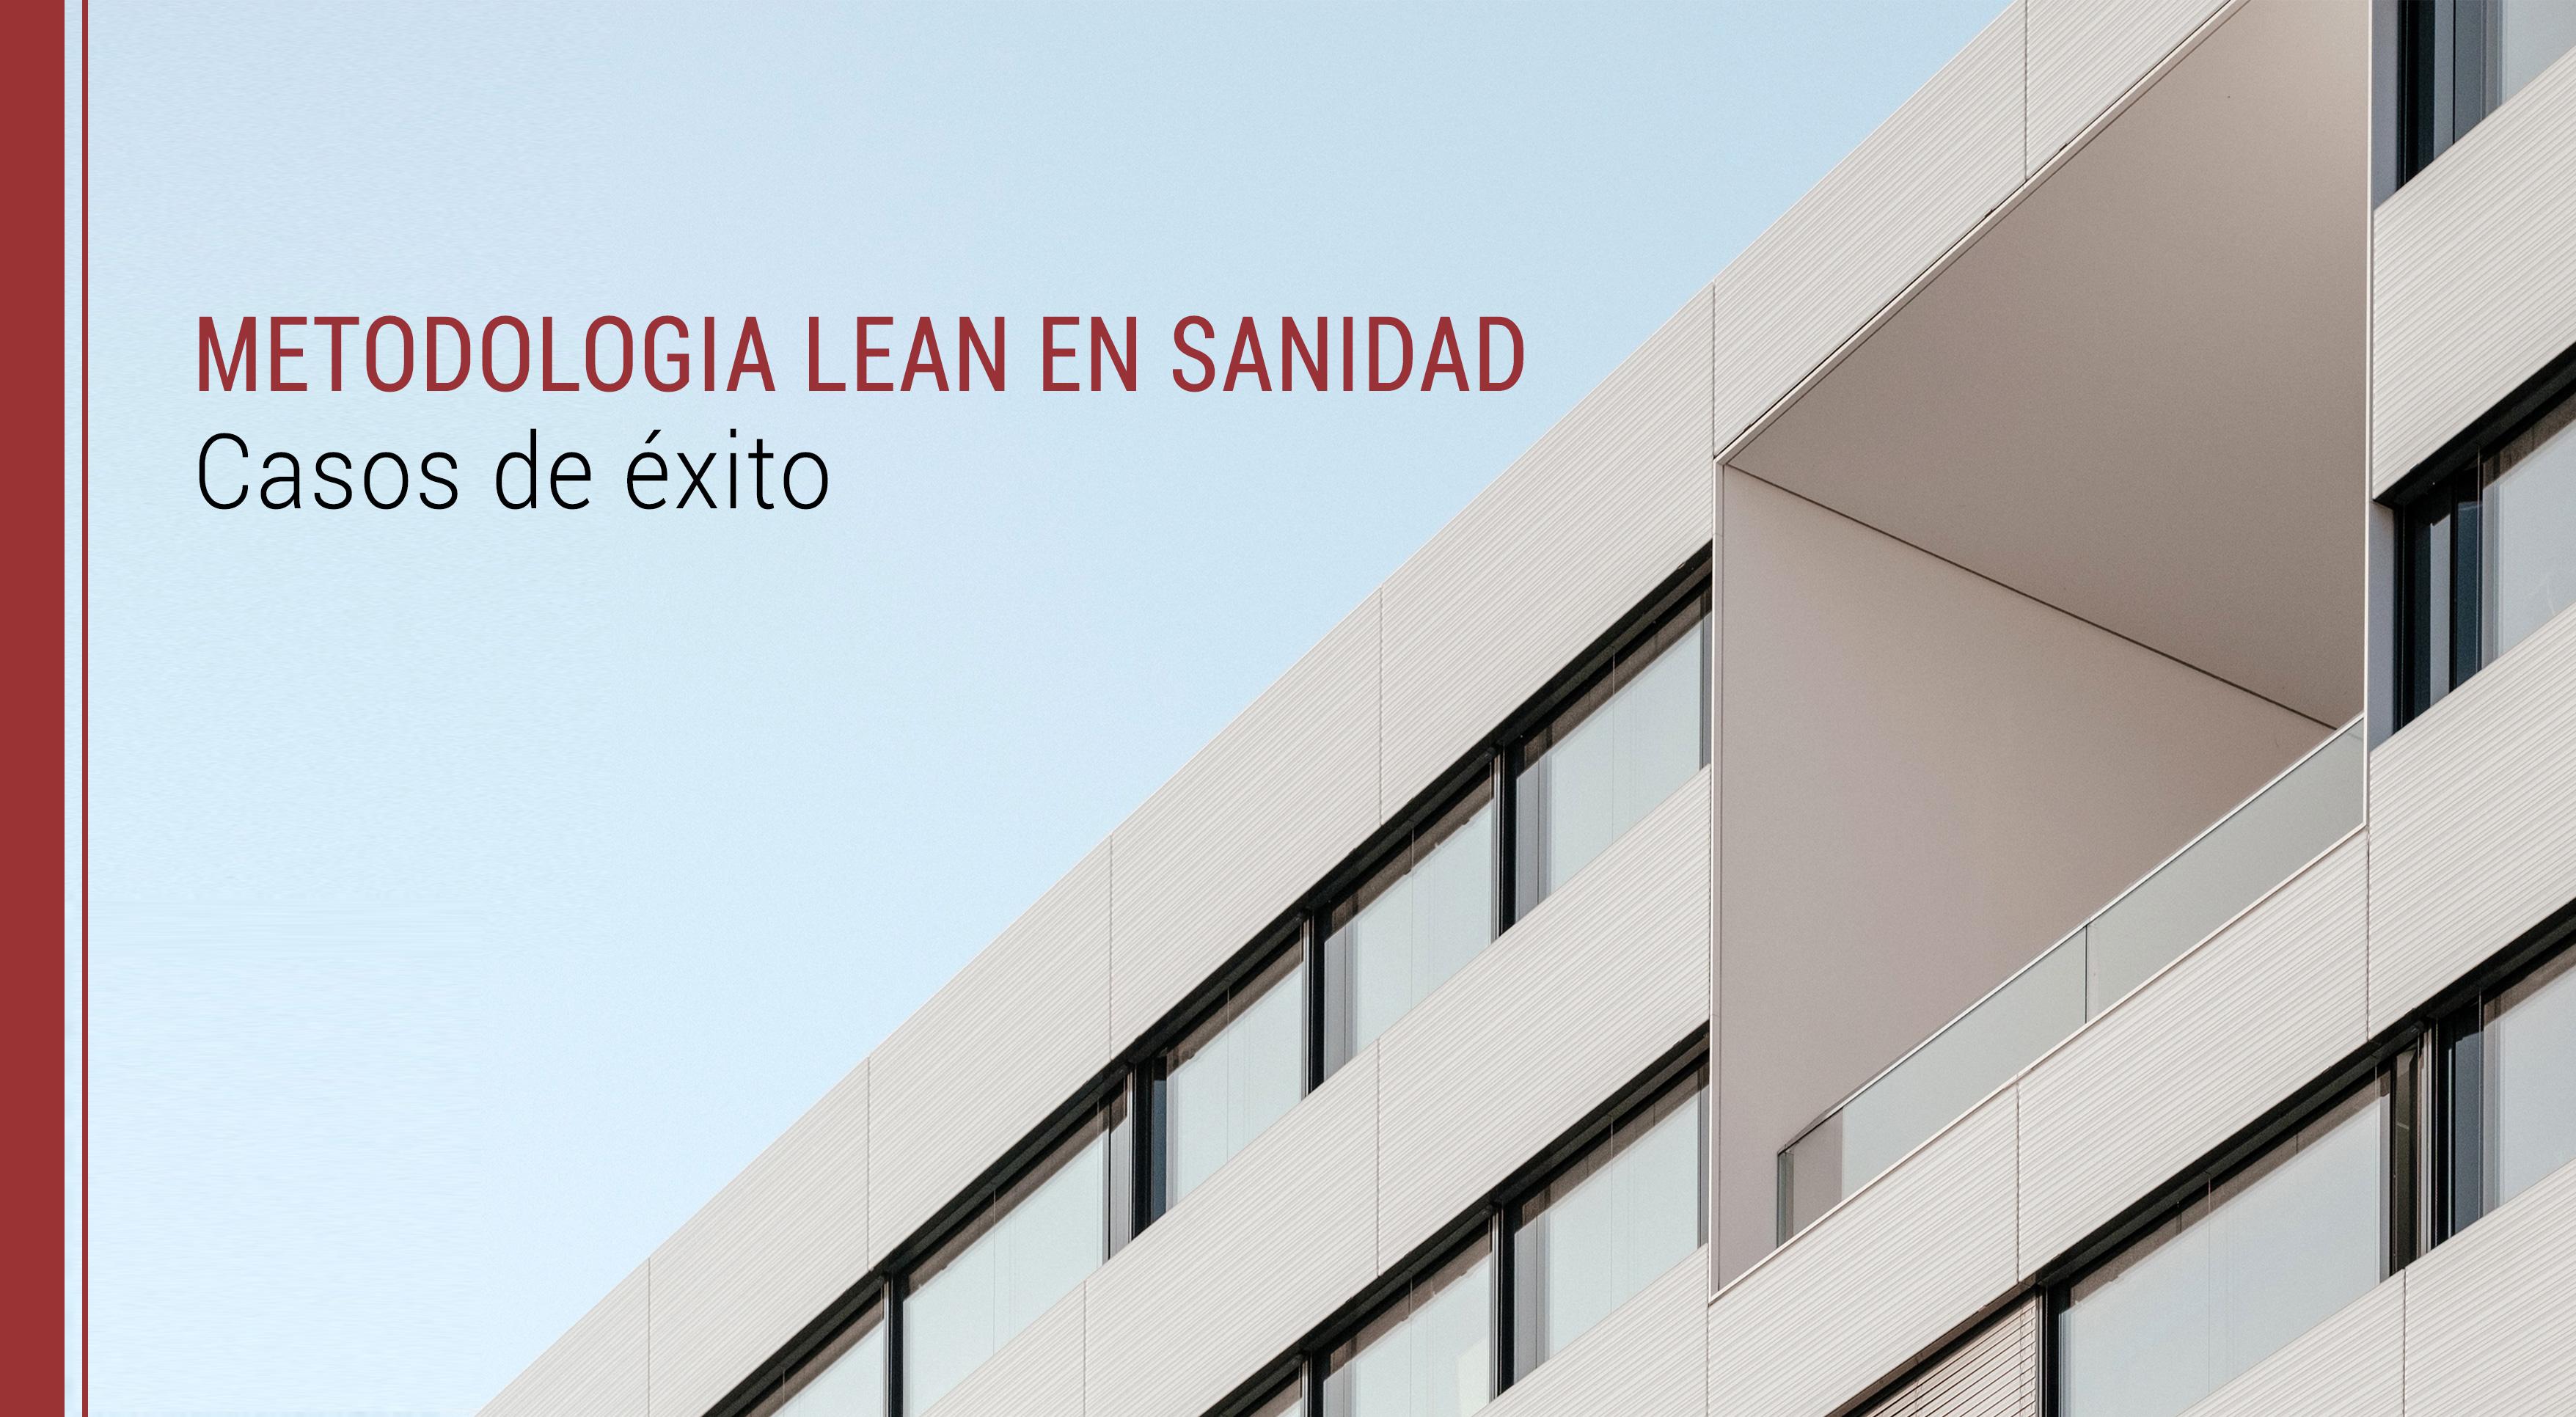 casos-de-exito-metodologia-lean-sanidad Metodología Lean en Sanidad: Casos de éxito